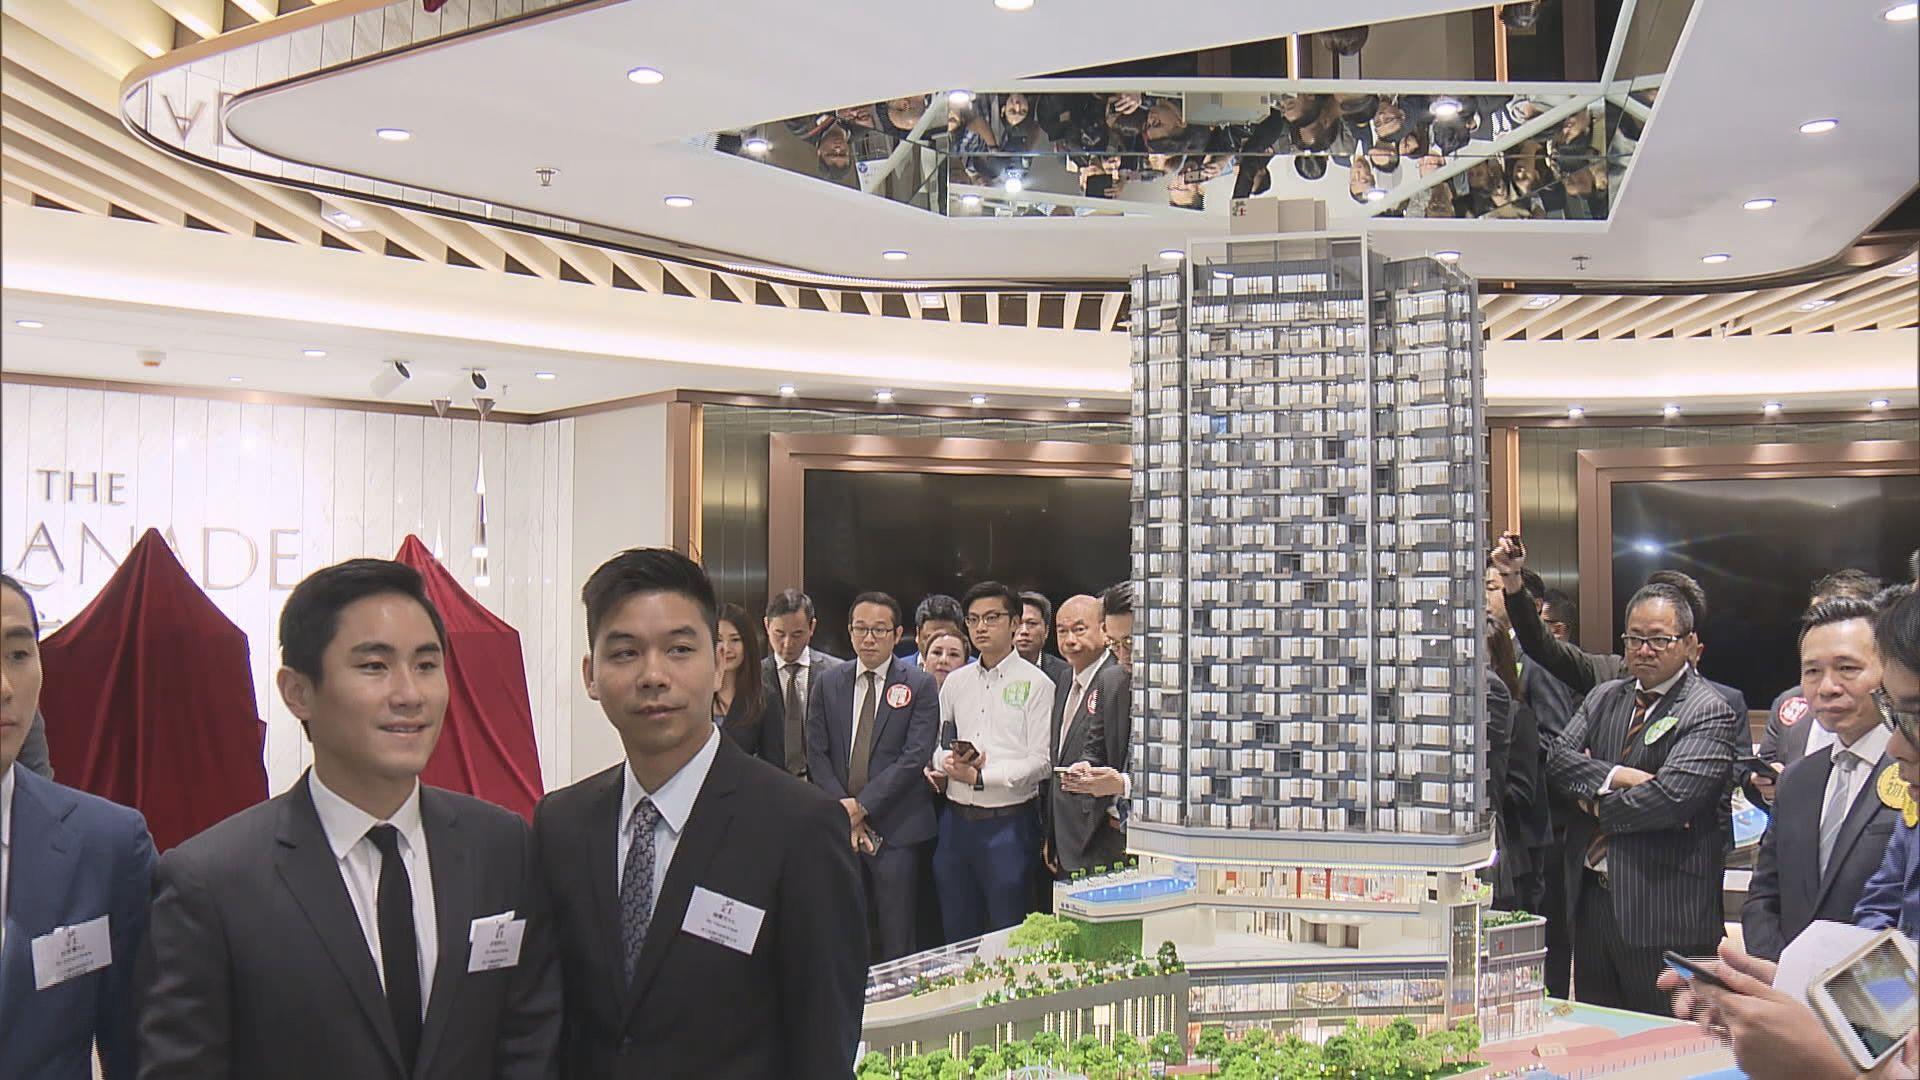 【貼近同區新盤】屯門弦海首批折實均價逾1.5萬